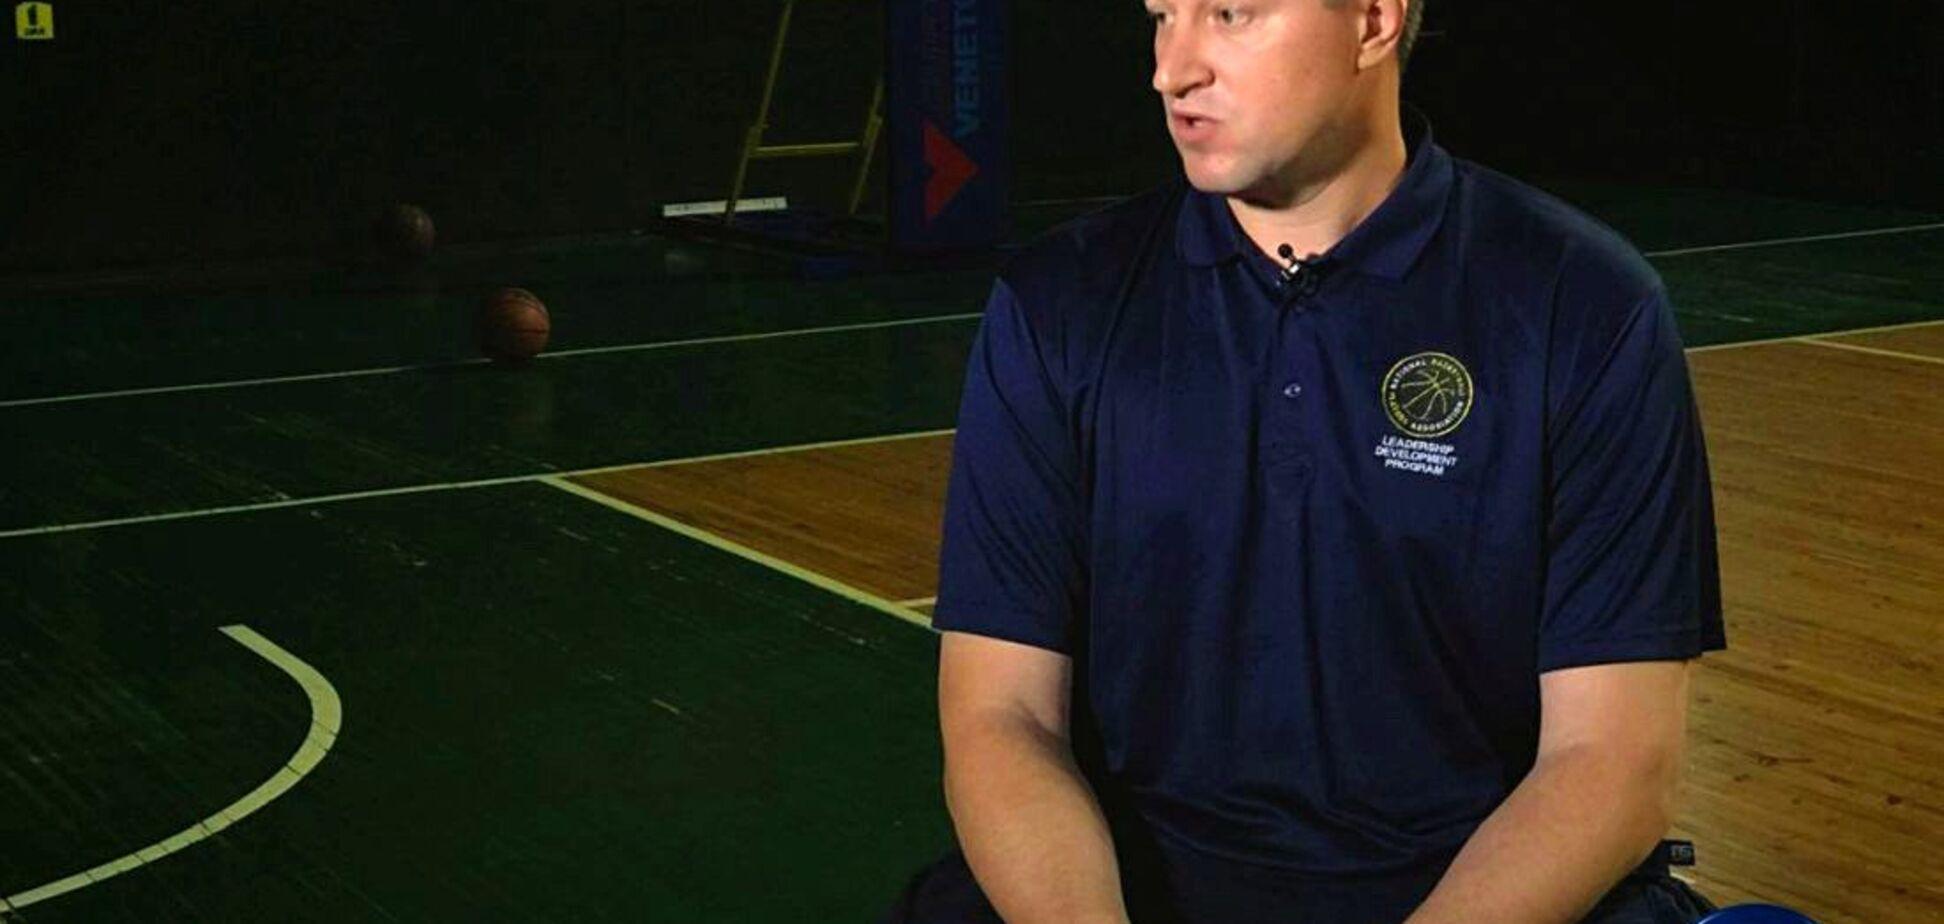 'Ми воюємо з Росією': дворазовий чемпіон НБА розповідає про агресію РФ в усьому світі